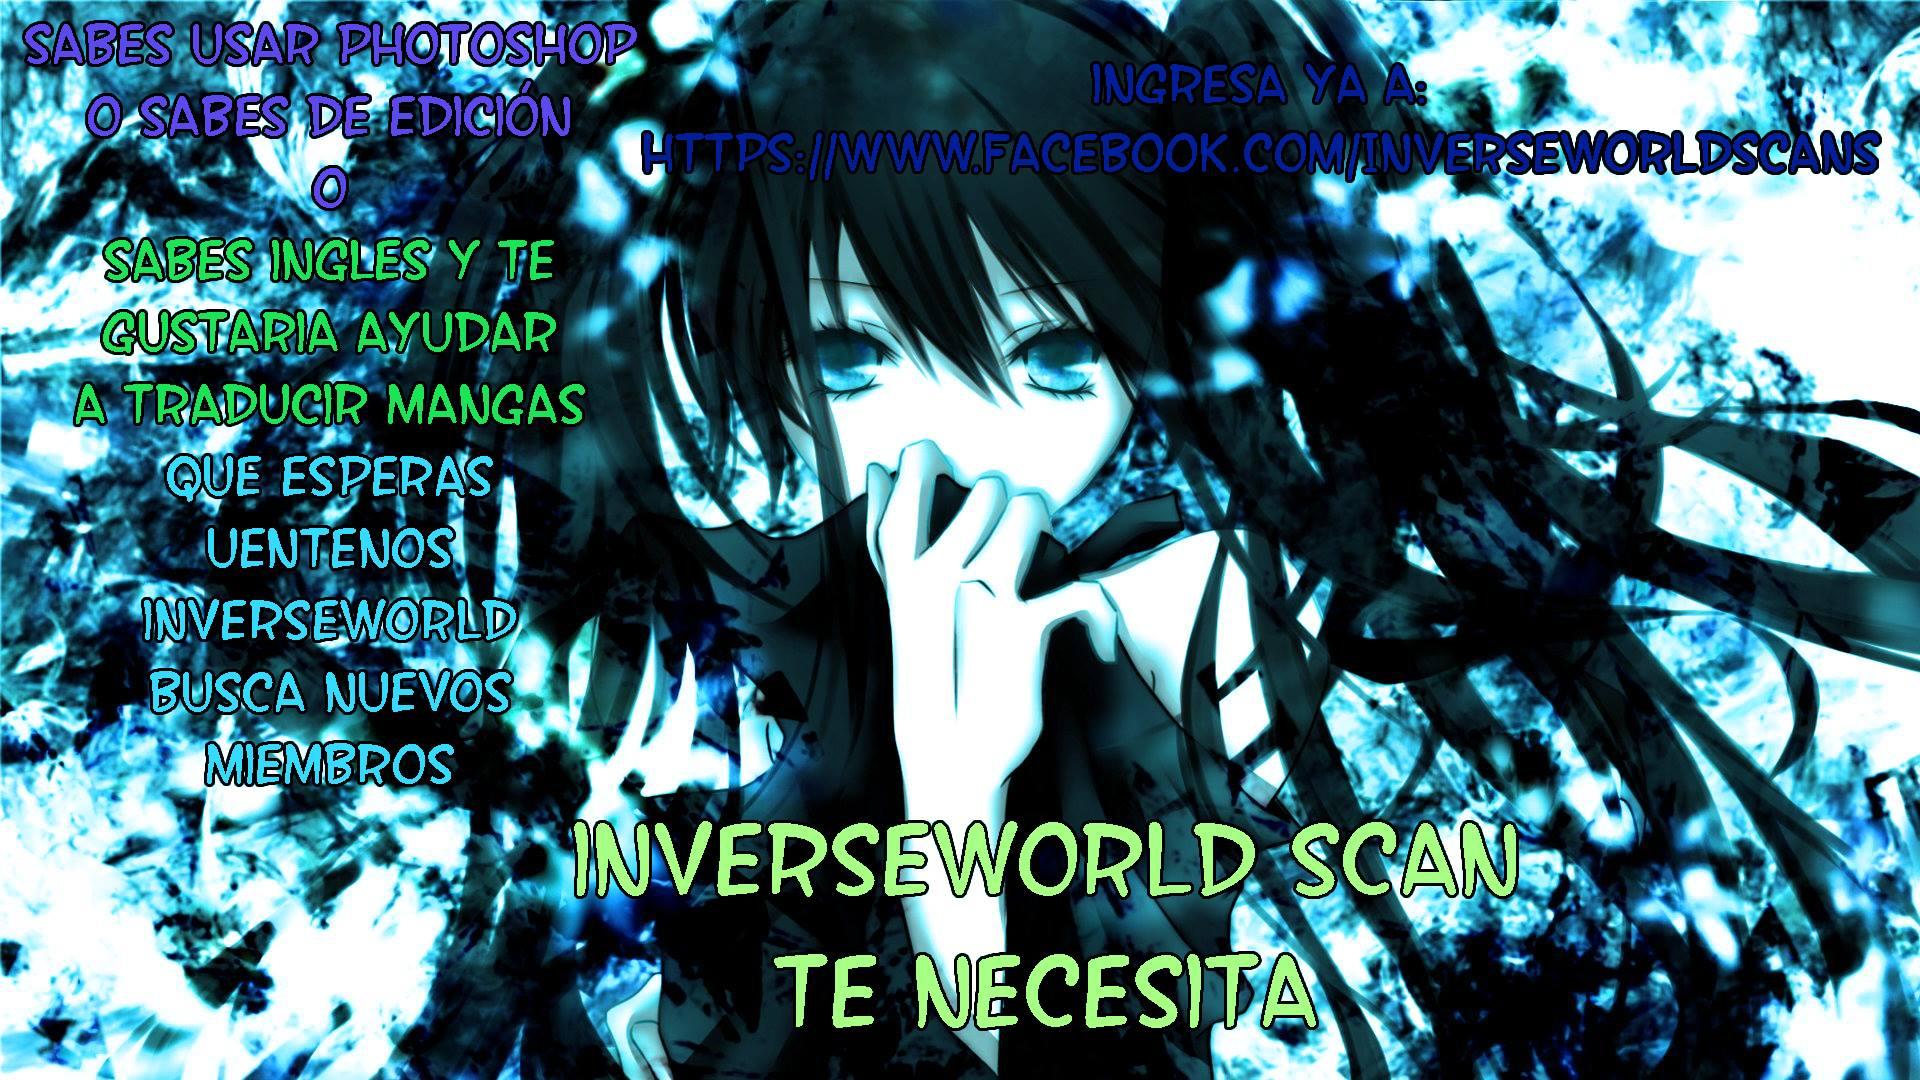 https://c5.mangatag.com/es_manga/18/16210/391513/43054b1a886ddef7db2bd03b8bc603e9.jpg Page 1